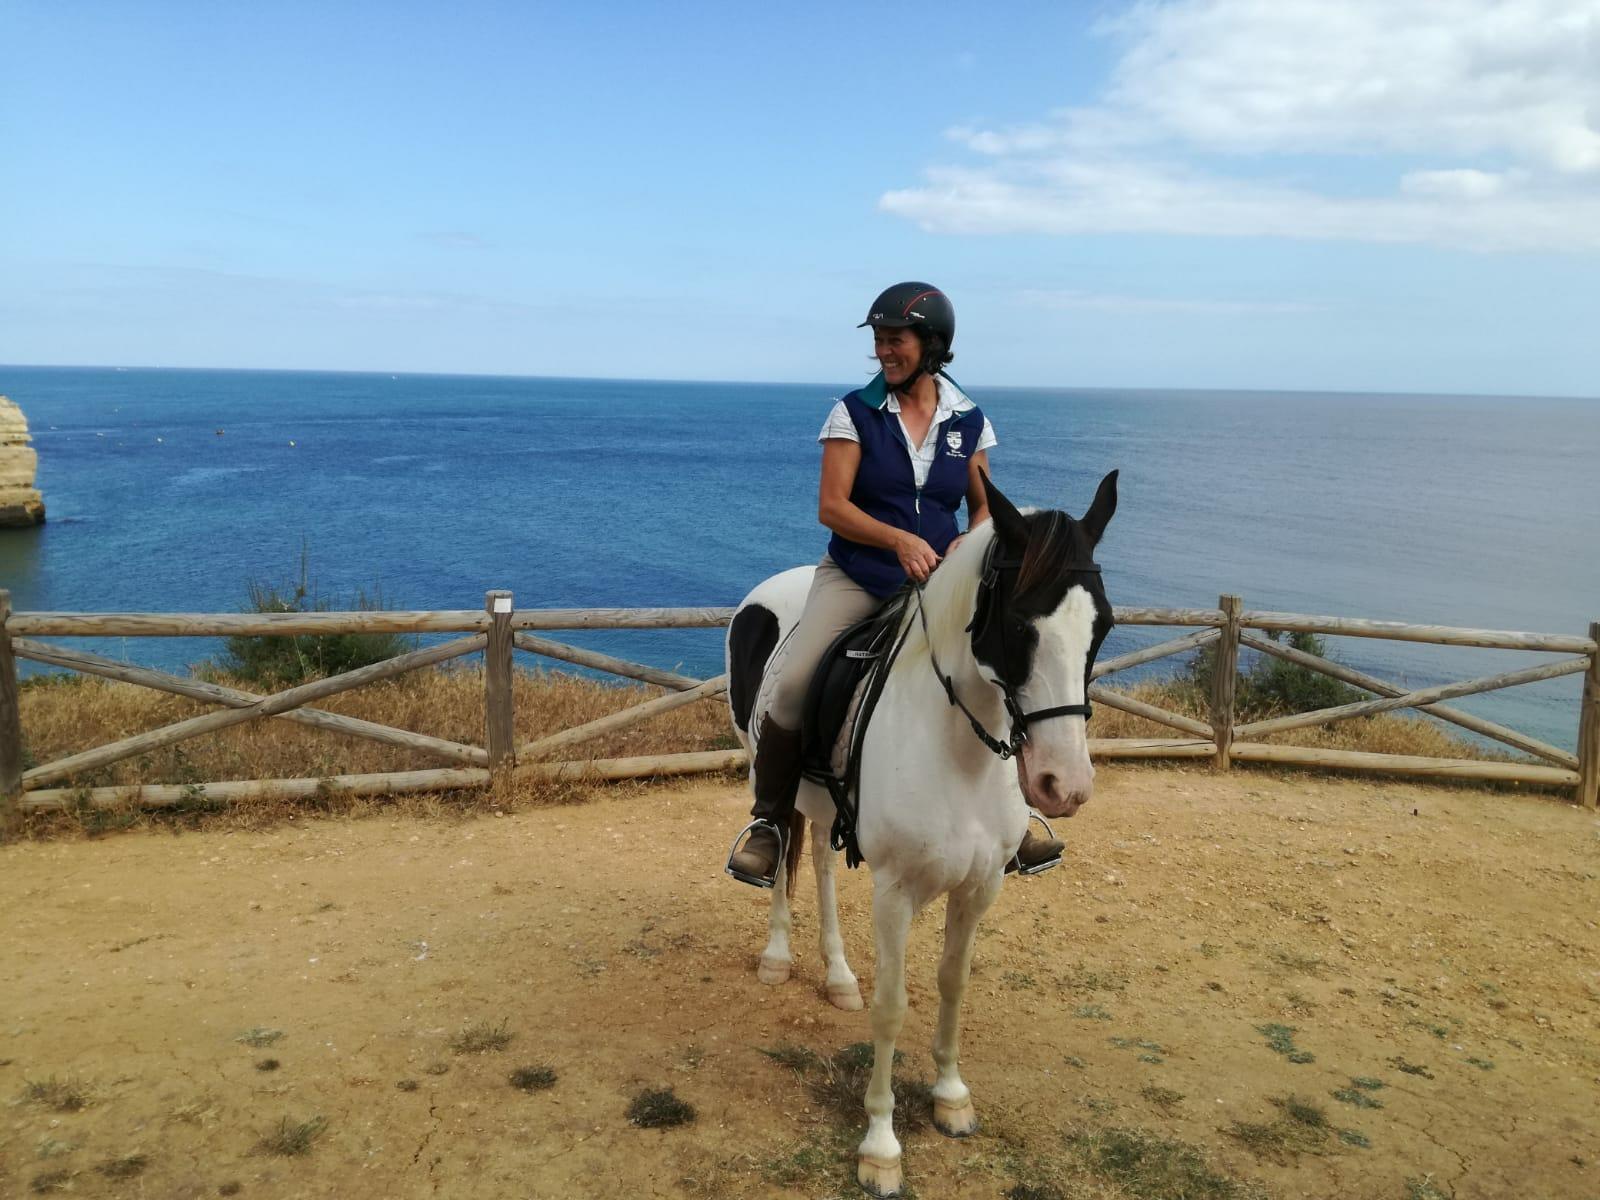 Yoga und Reiten Urlaub am Meer - Reitführerin im Sattel auf der Klippe über dem Atlantik